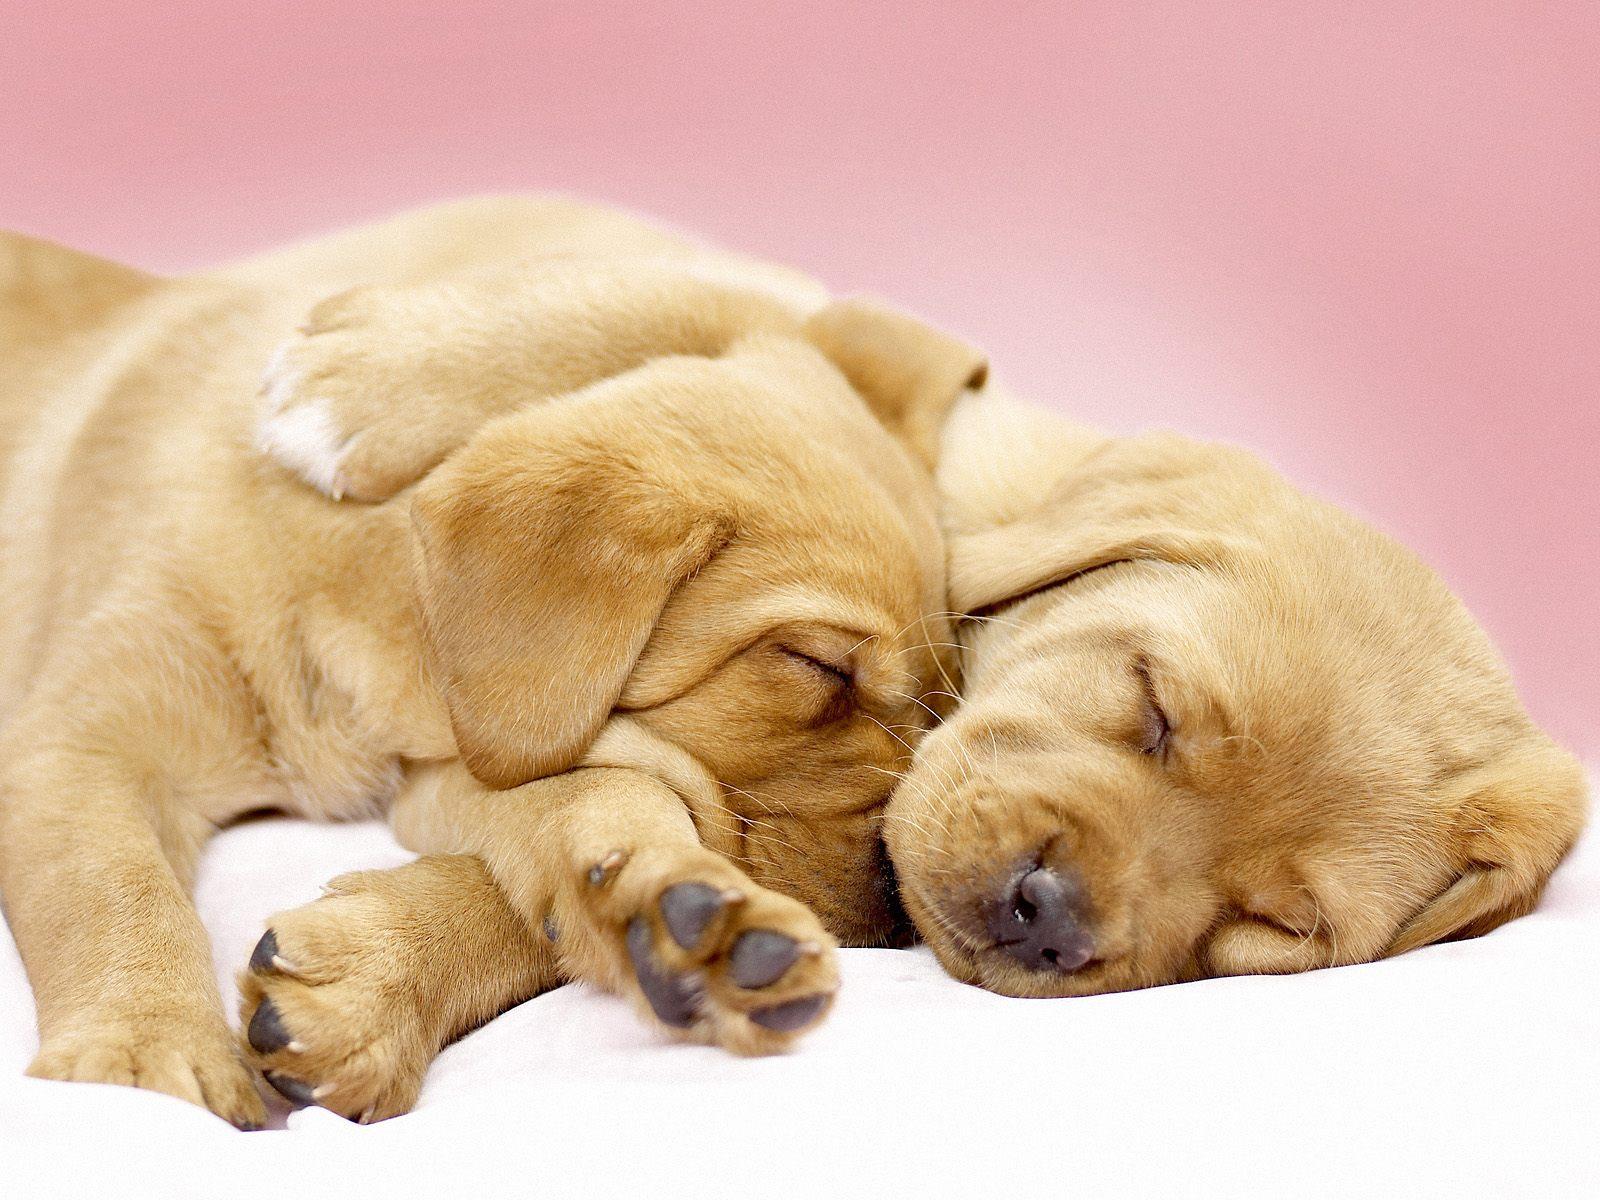 Cute Sleeping Puppies Wallpapers Bestwall